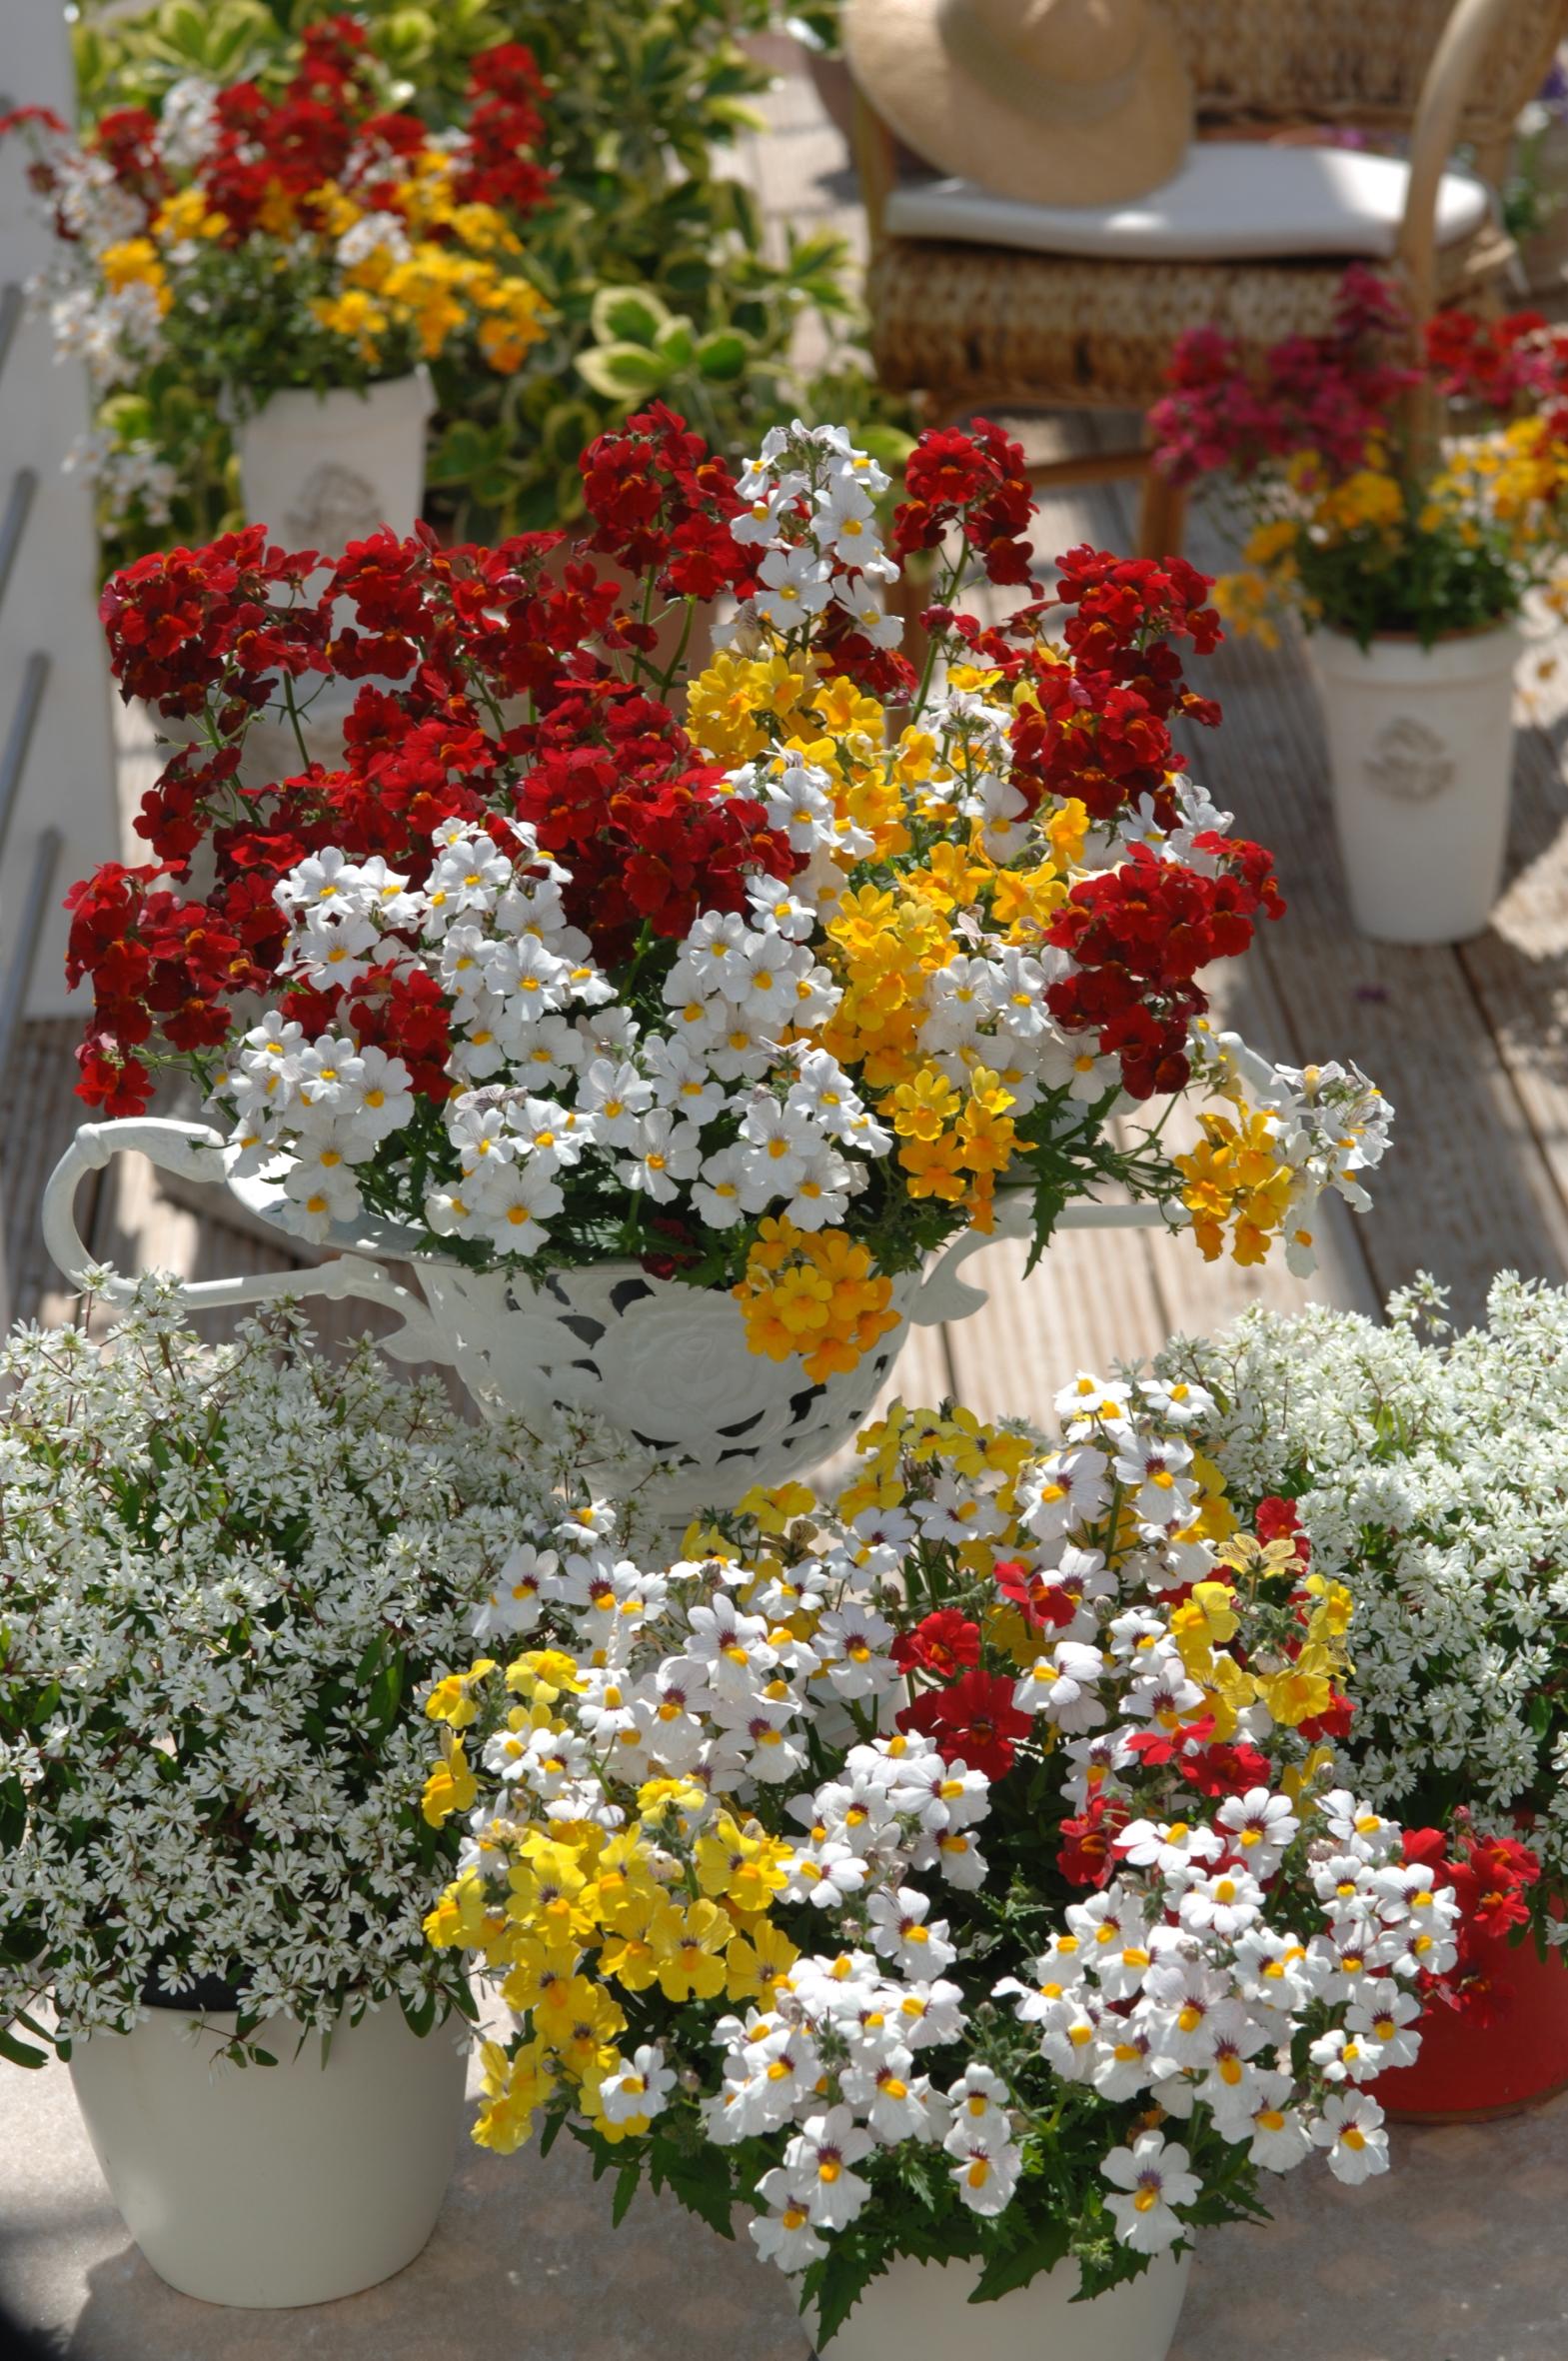 Eine Elfenspiegel-Kombination blüht in Rot, Gelb und Weiß: Beet- und Balkonpflanze des Jahres 2014 für Baden-Württemberg